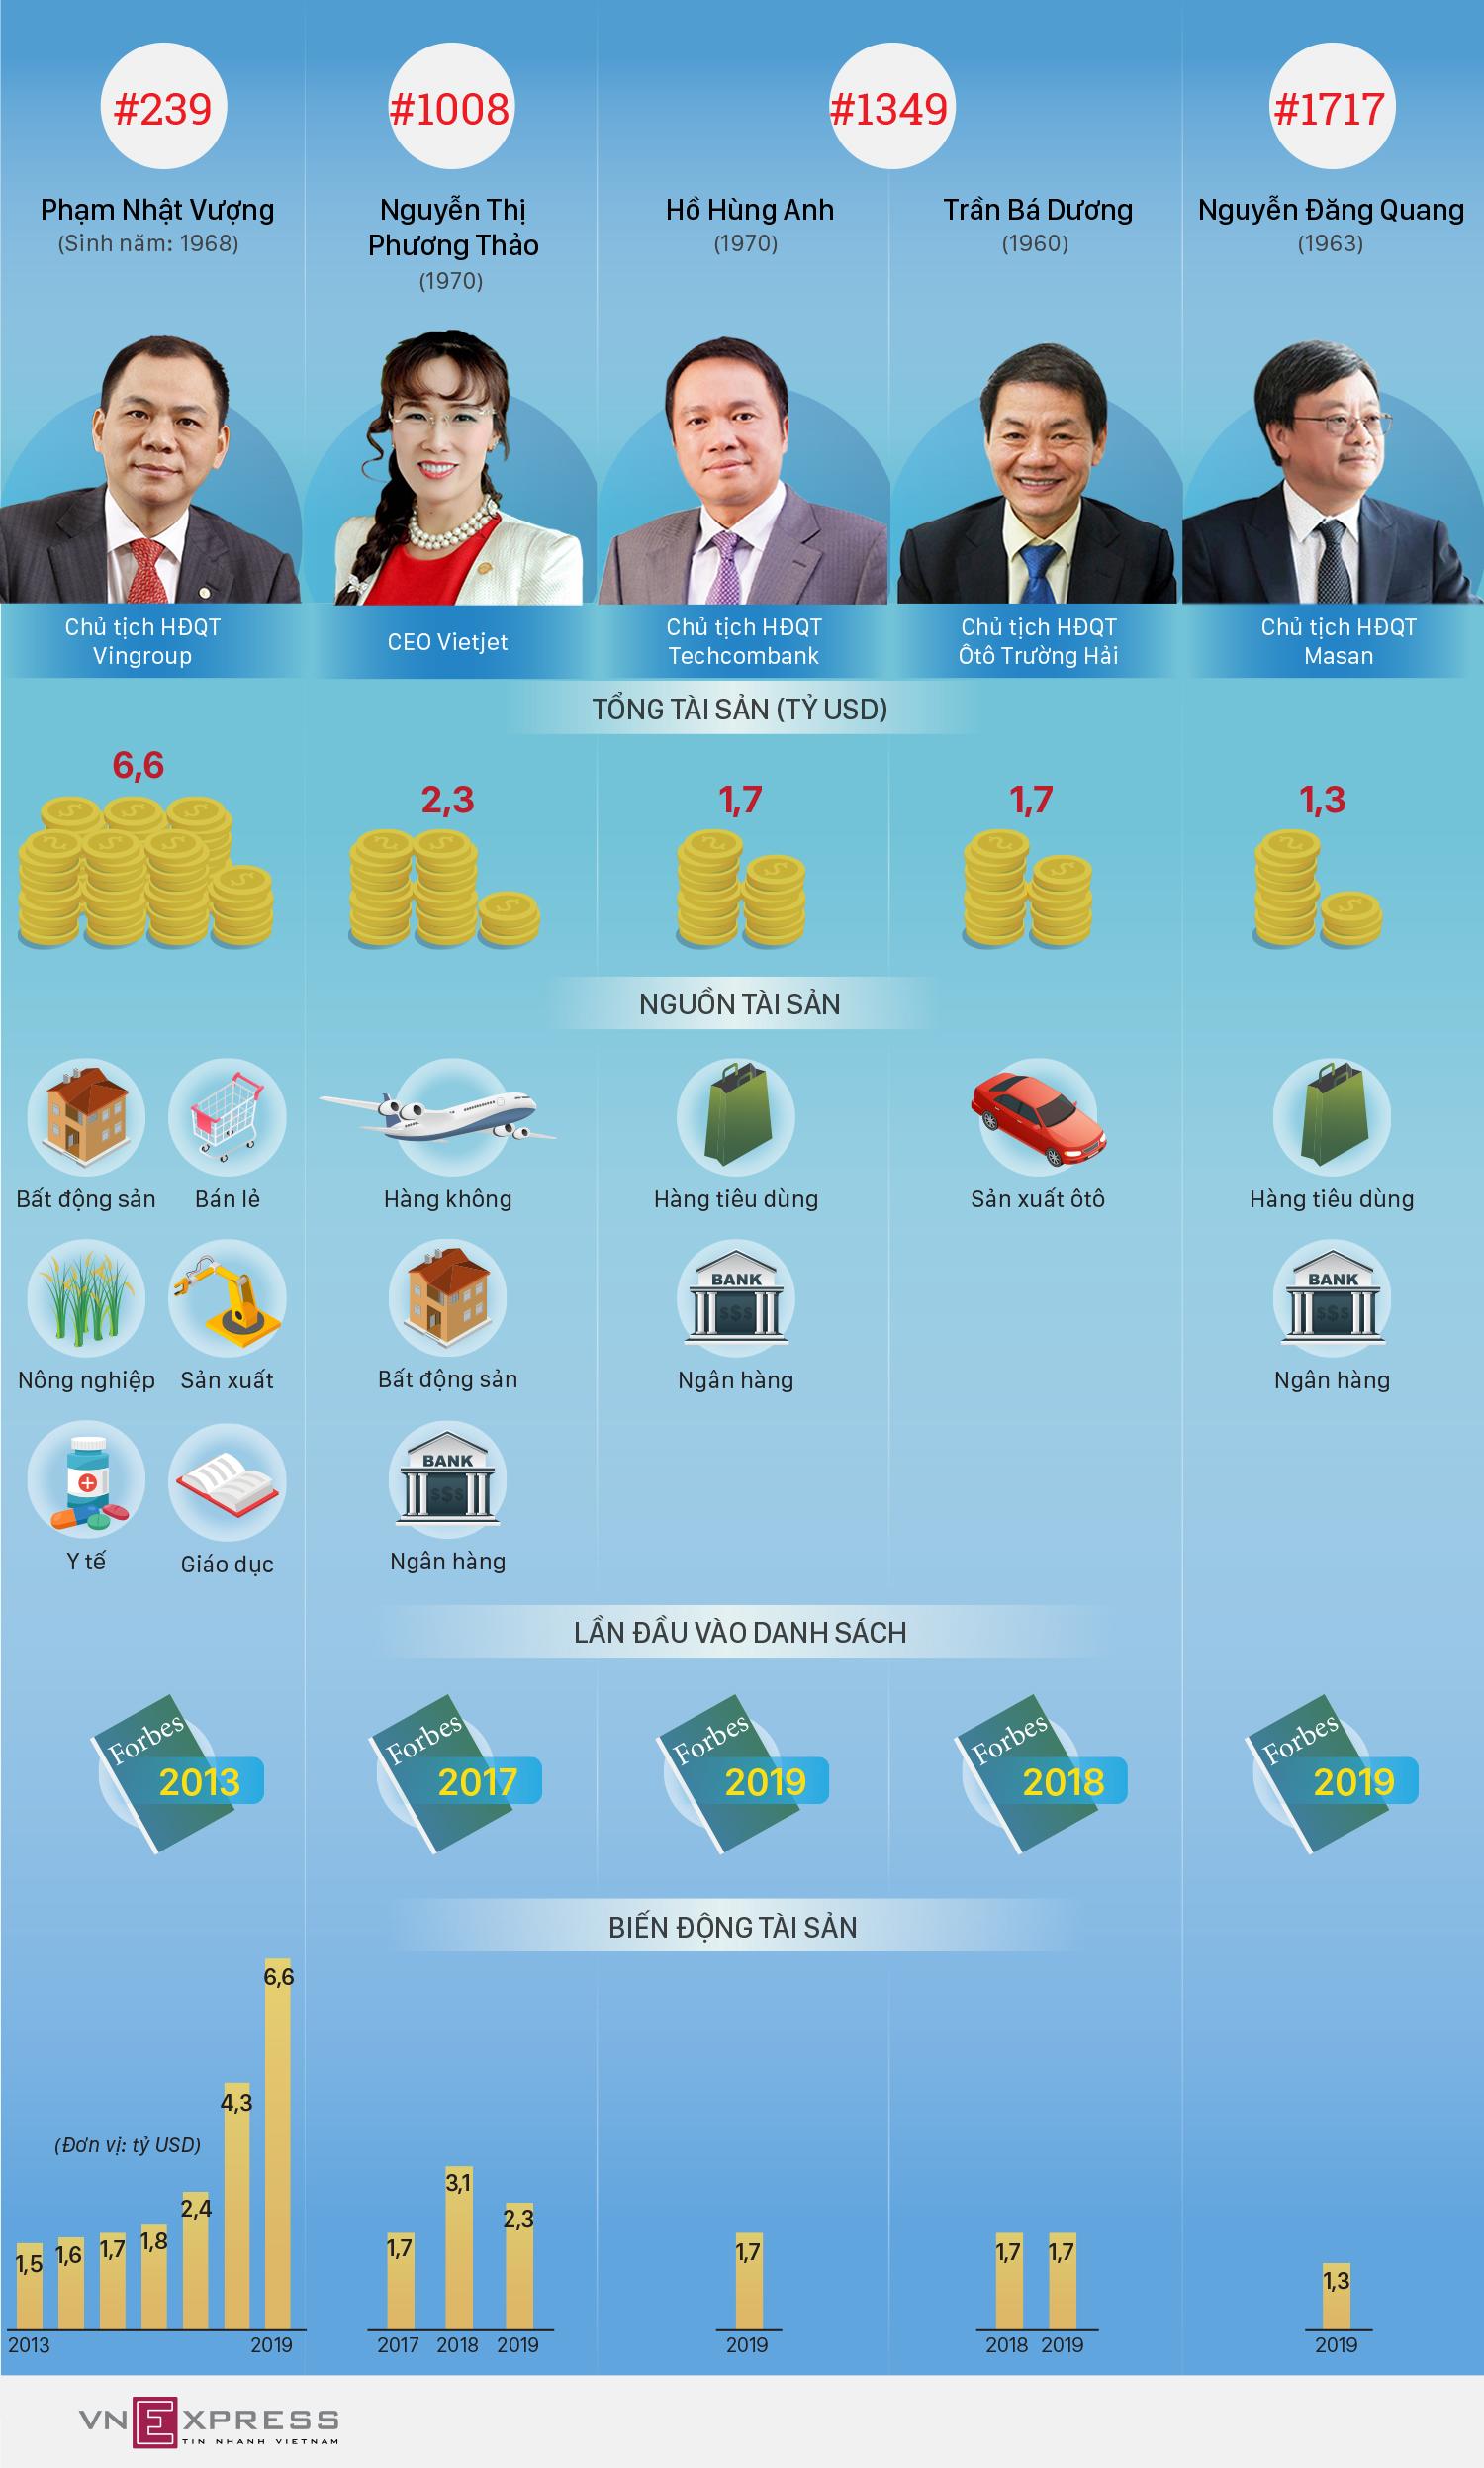 Khối tài sản của 5 tỷ phú Việt Nam đến từ đâu?